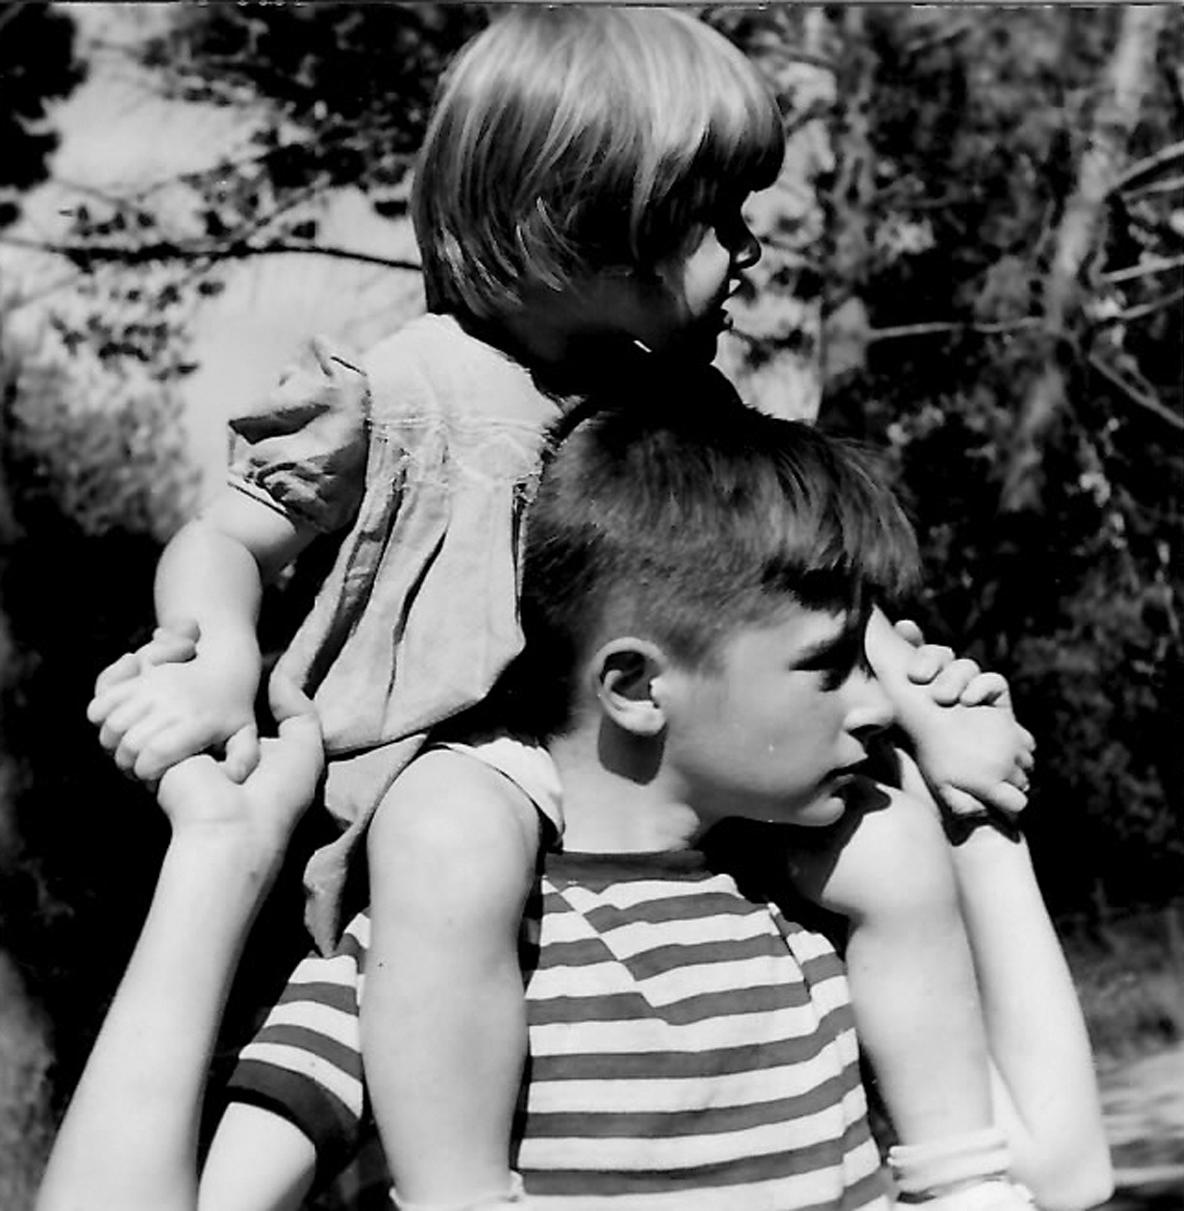 Sa petite sœur Anne sur les épaules, Benoît prend à cœur son rôle de grand frère.